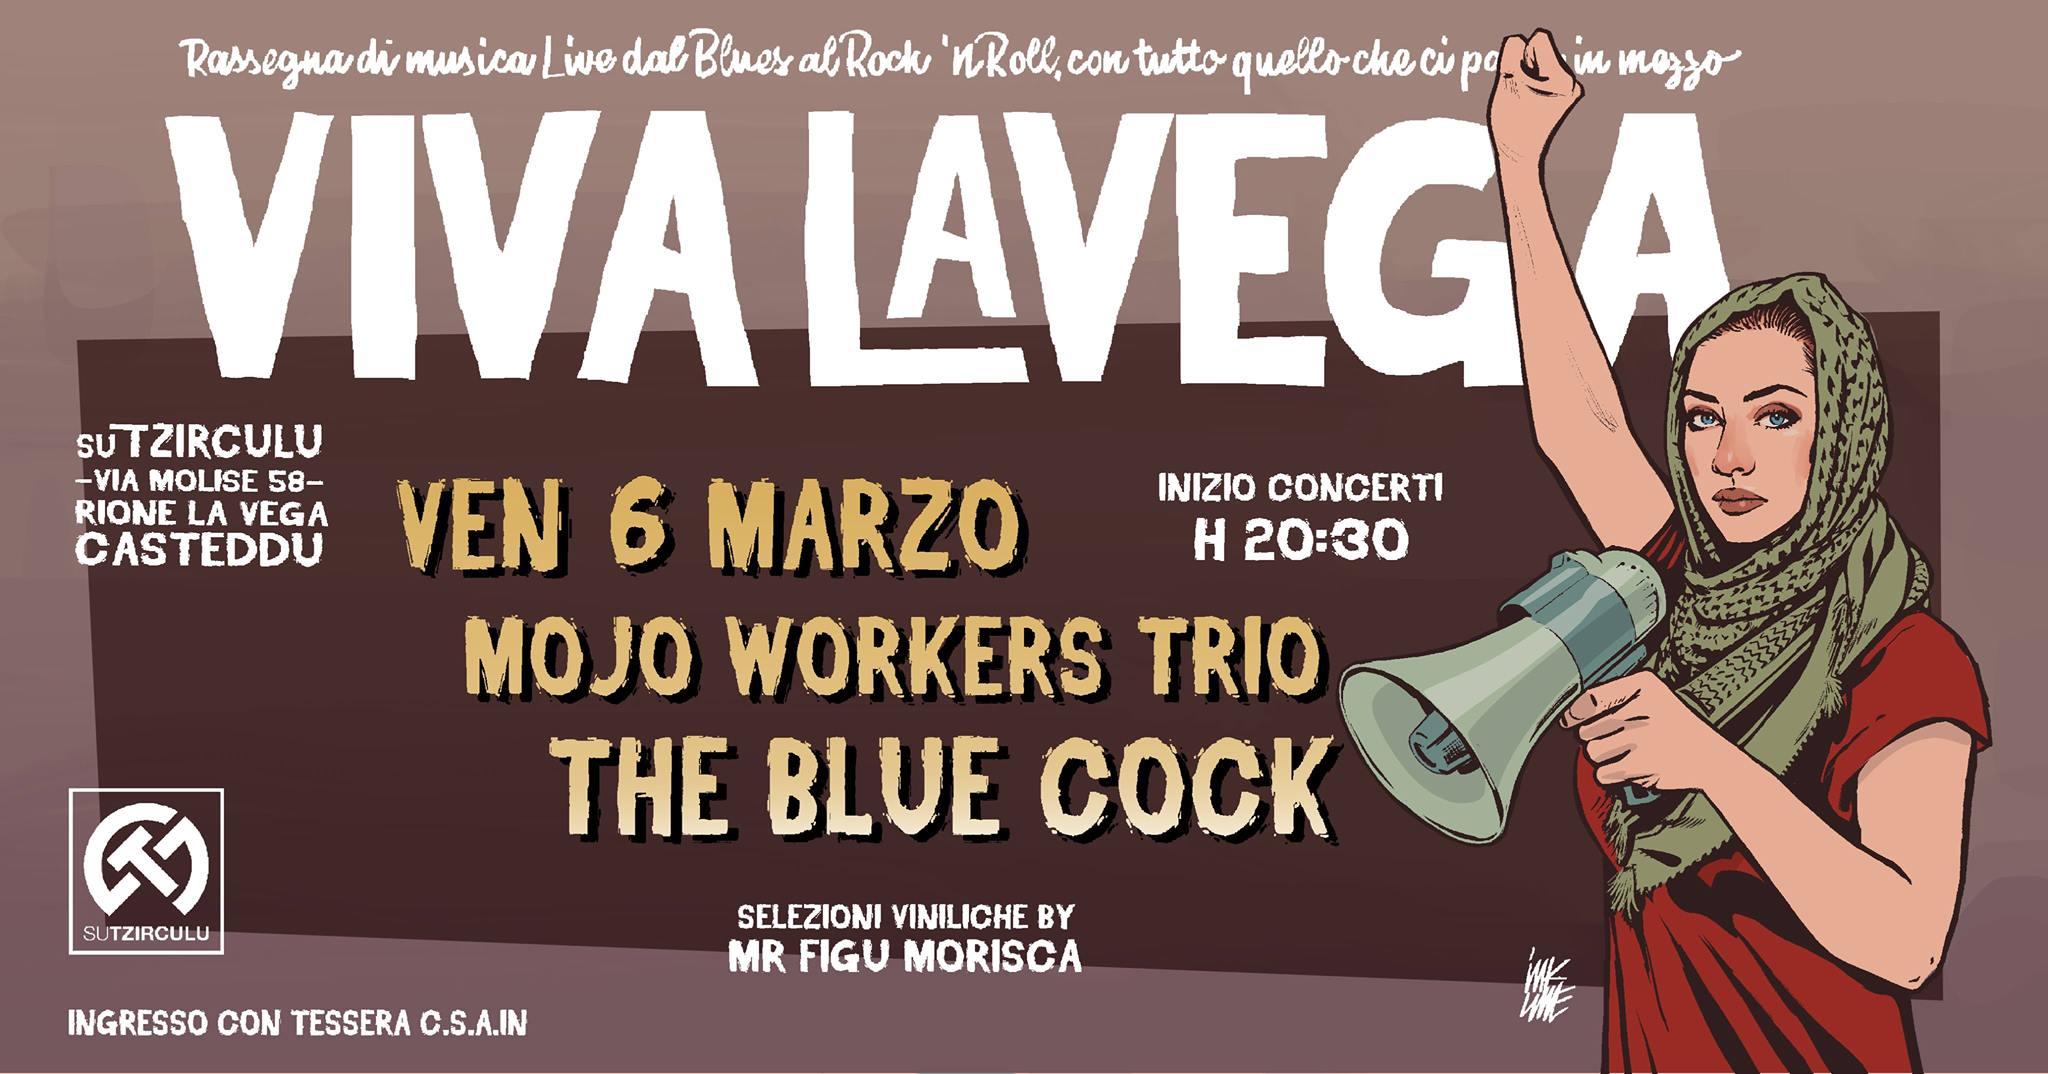 Viva La Vega - The Mojo Workers - The Blue Cock - Su Tzirculu - Cagliari - 6 marzo 2020 - eventi - 2020 - Sa Scena Sarda